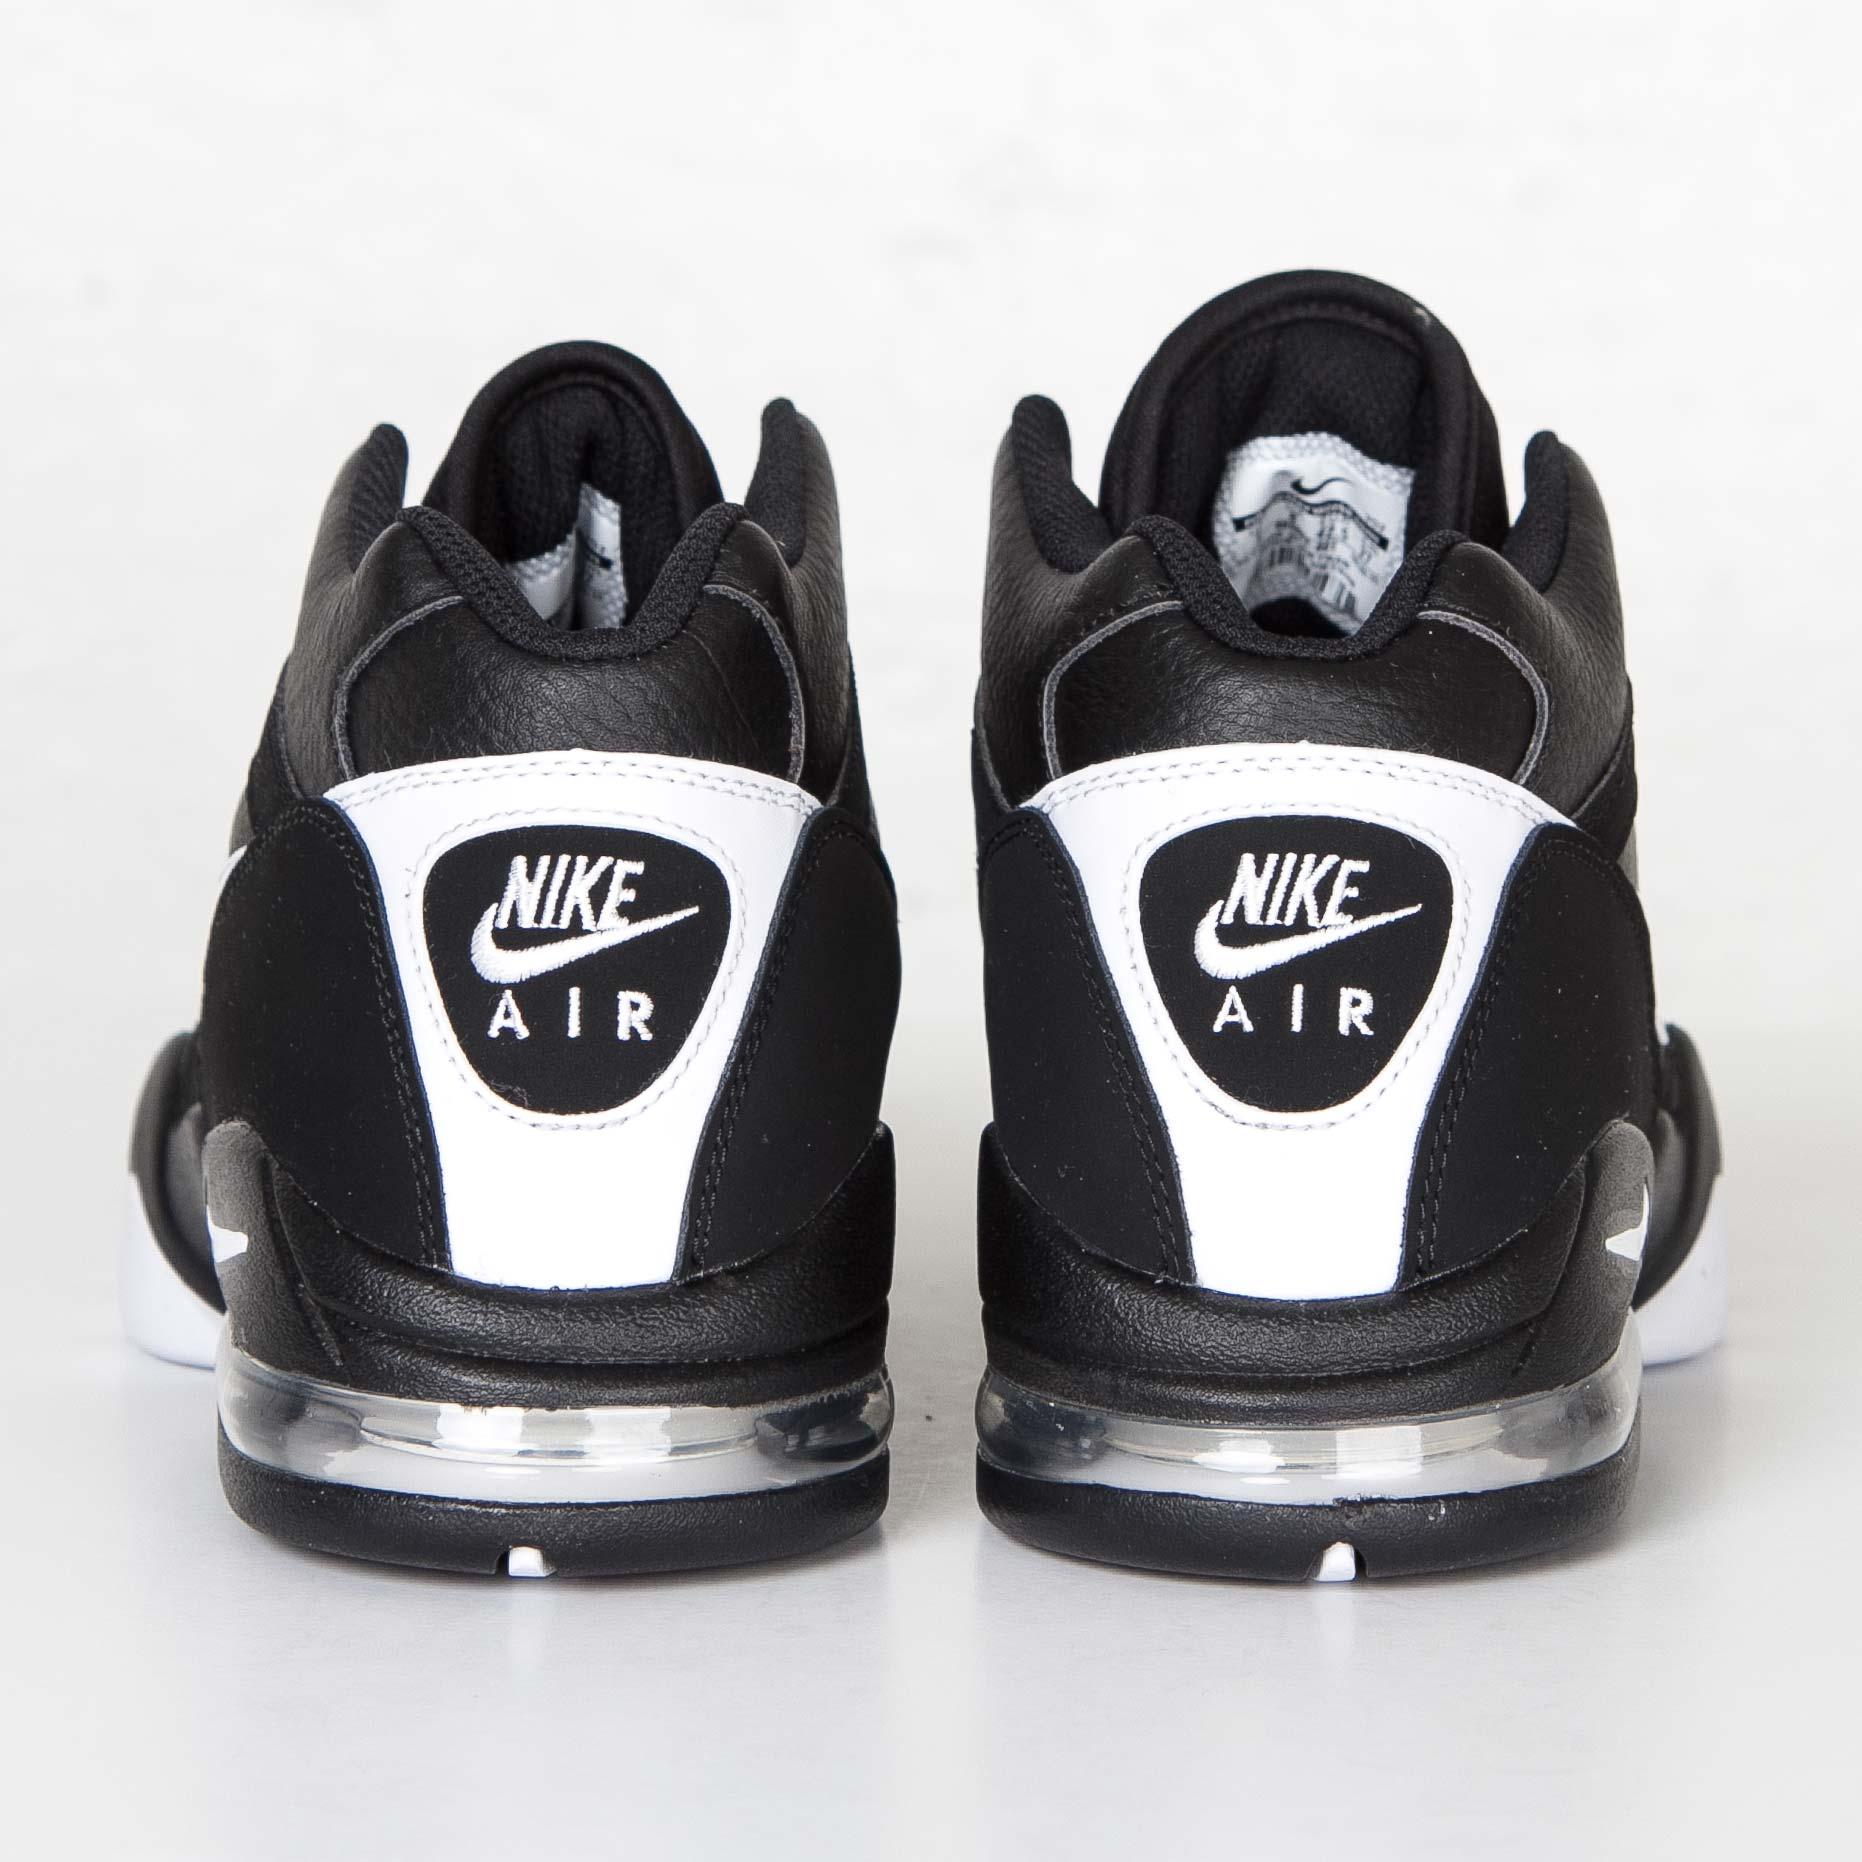 8adec9ea9594 Nike Air Strong 2 Mid - 805892-001 - Sneakersnstuff